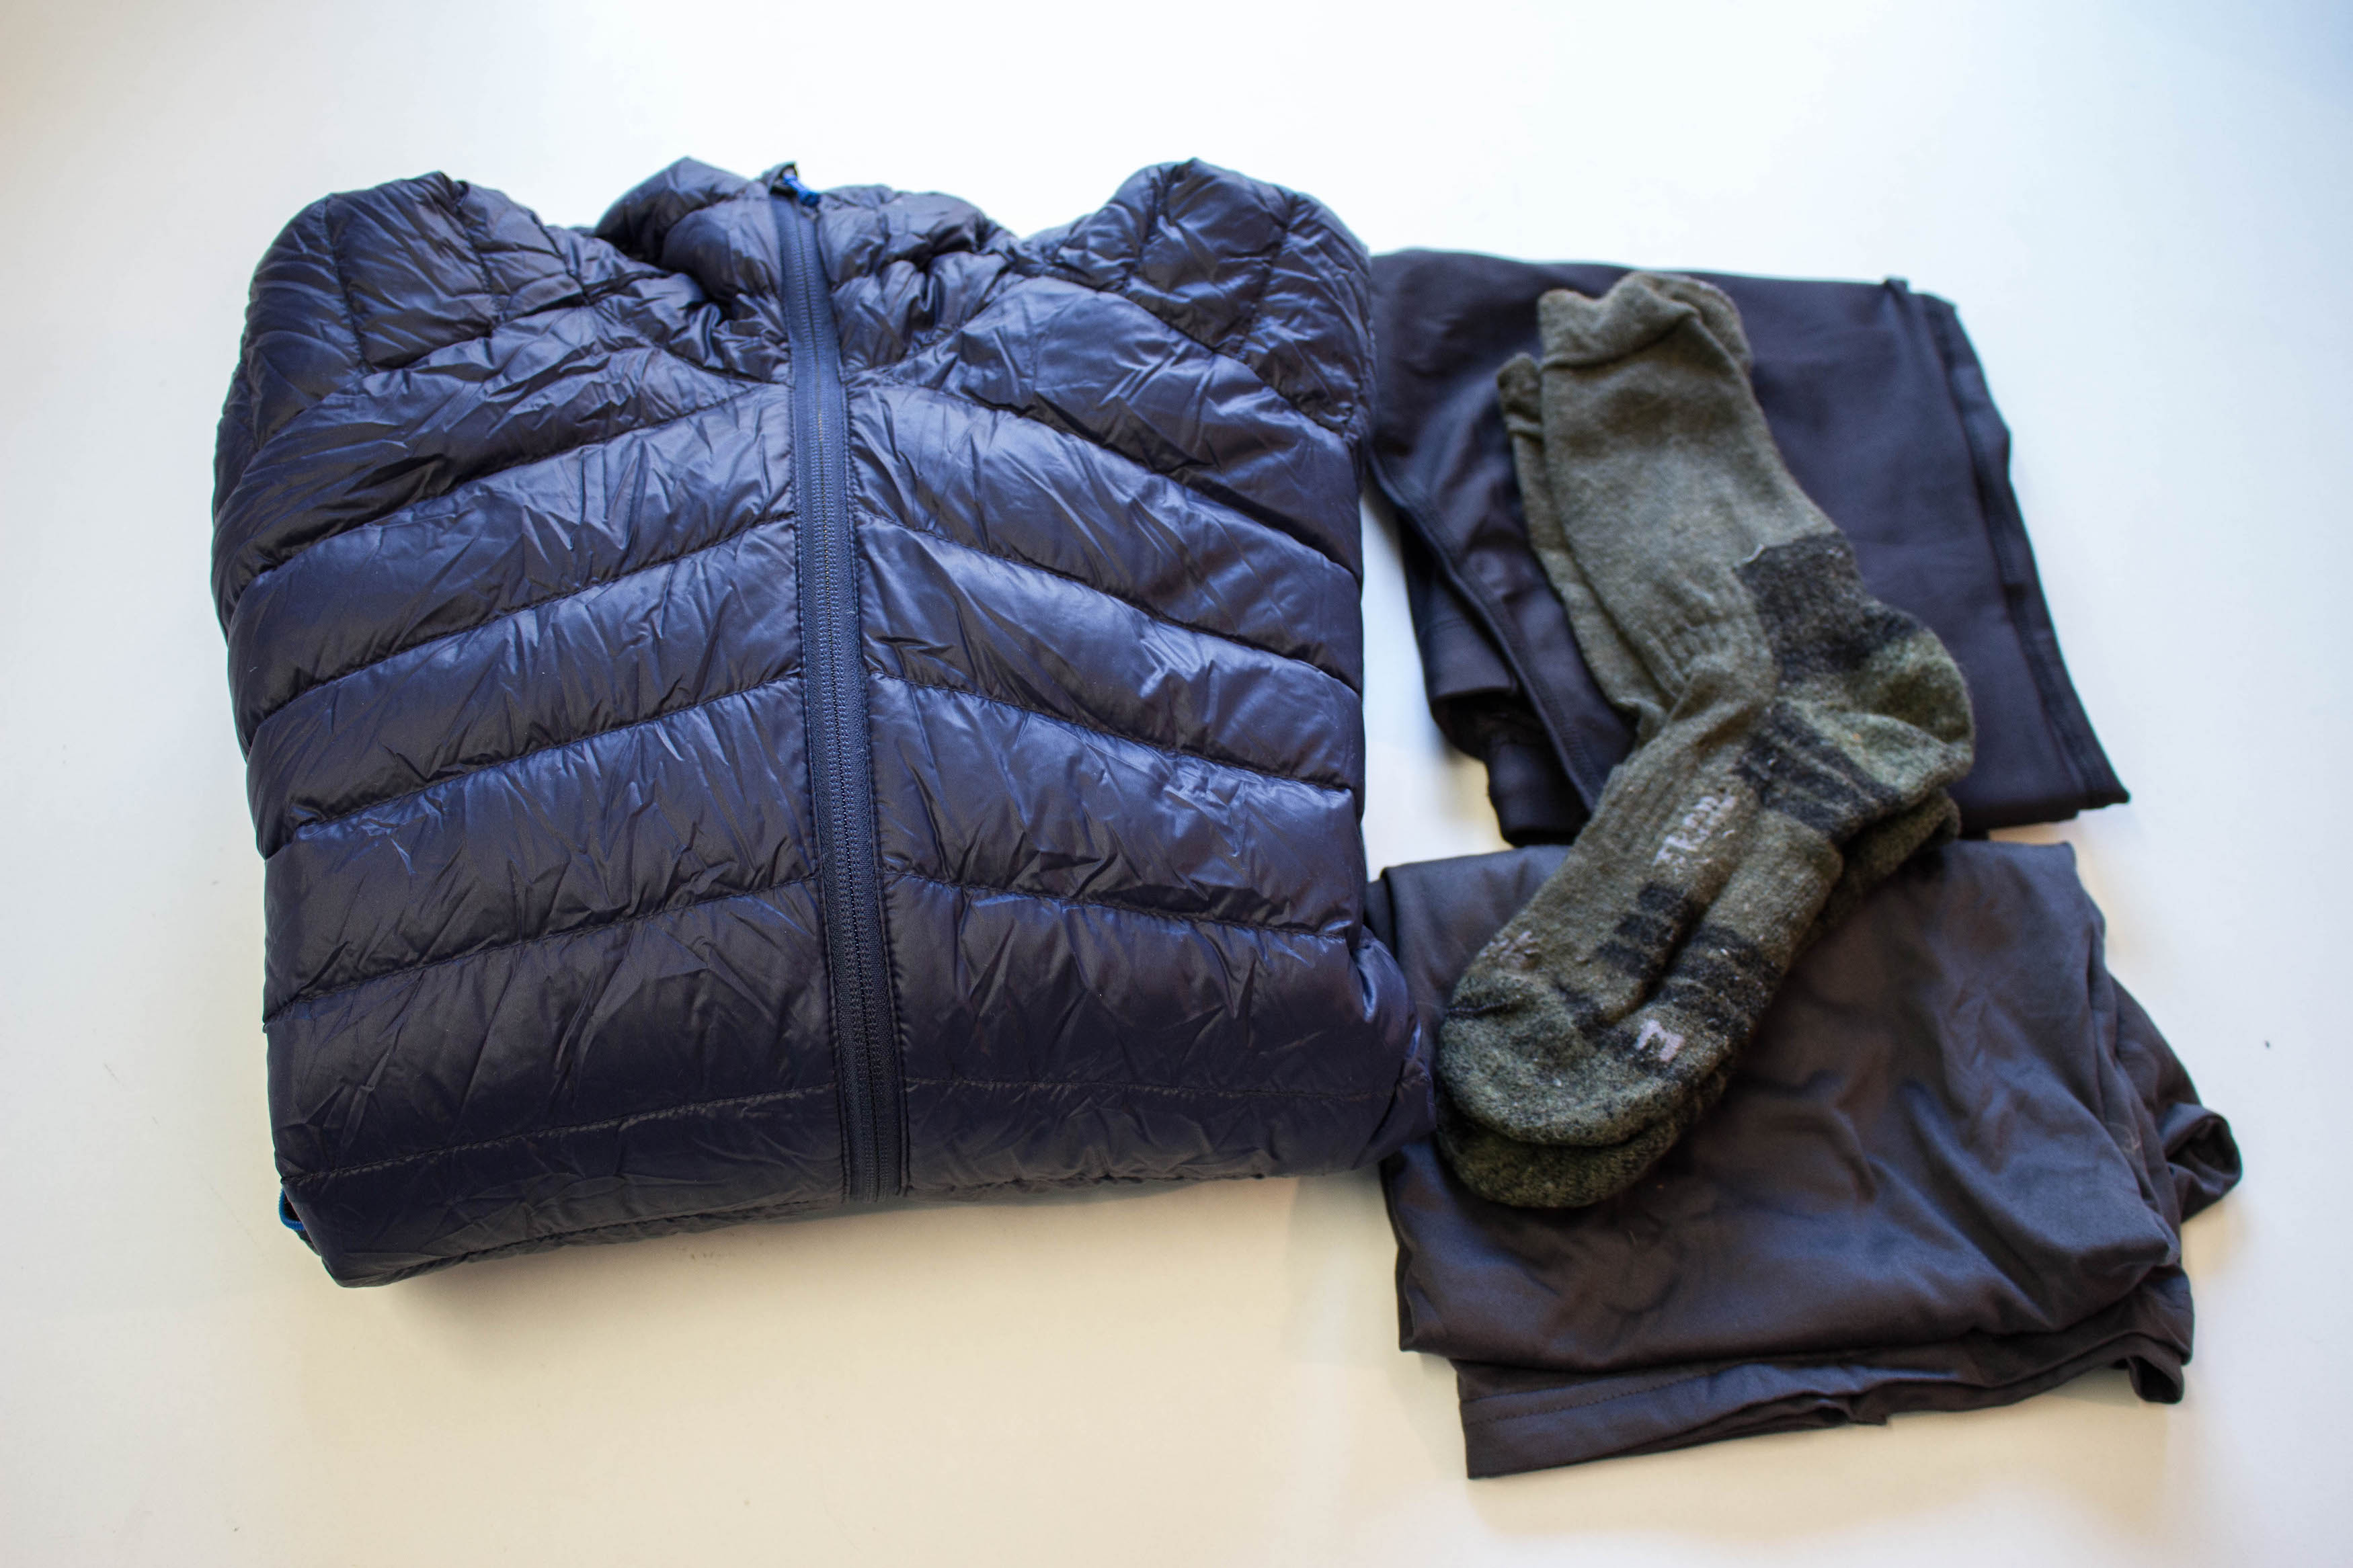 1e463e2ed1 1 hosszú alá öltözet - 1 pehely dzseki - 1 tiszta póló az alváshoz